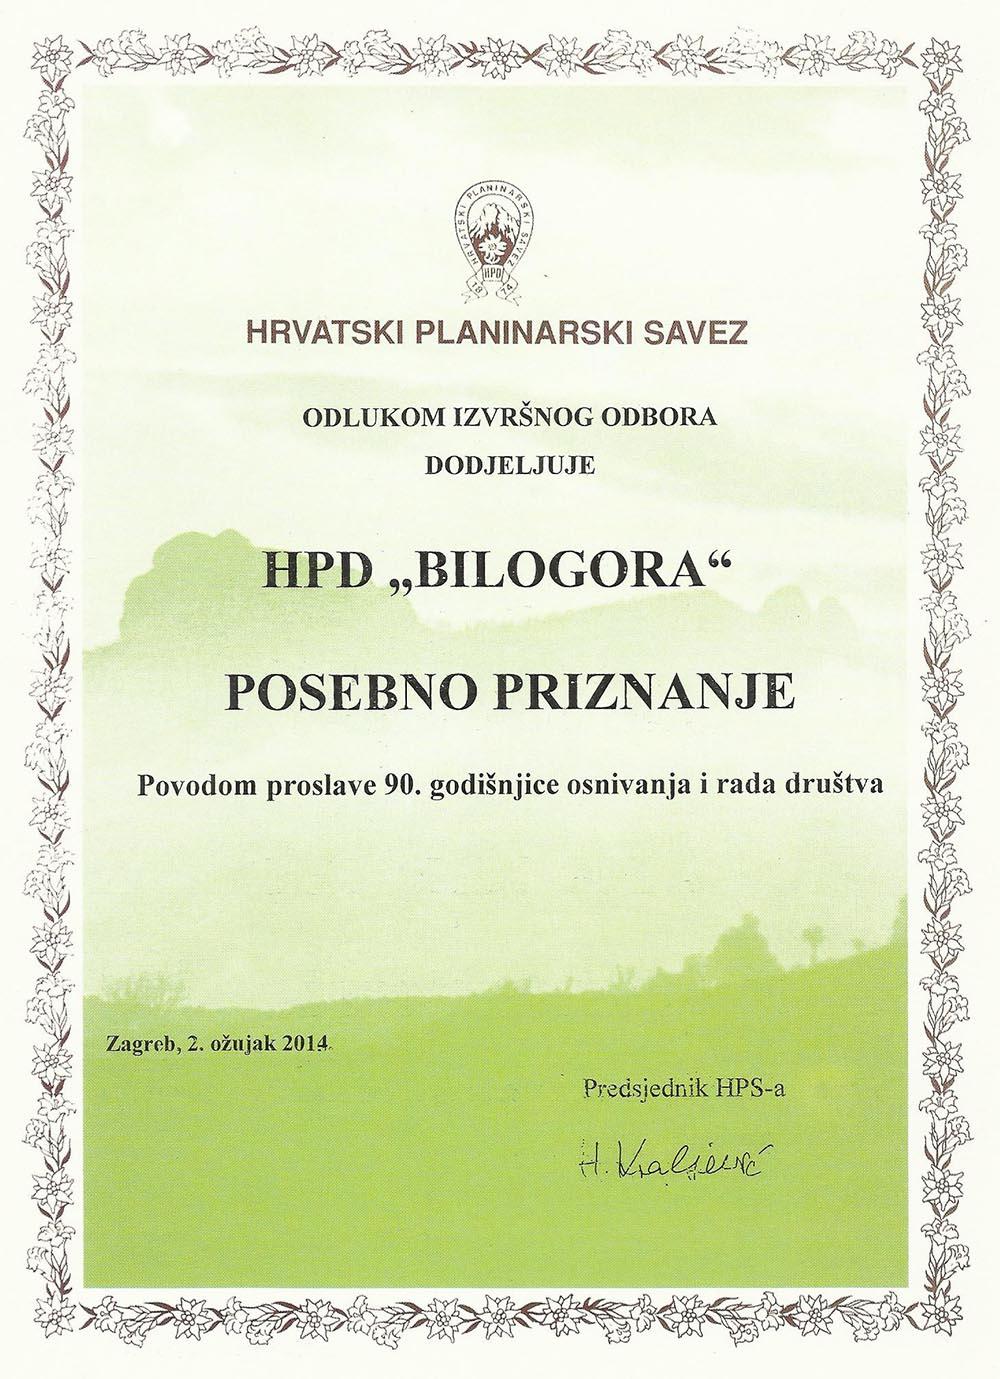 Priznanje HPS-a